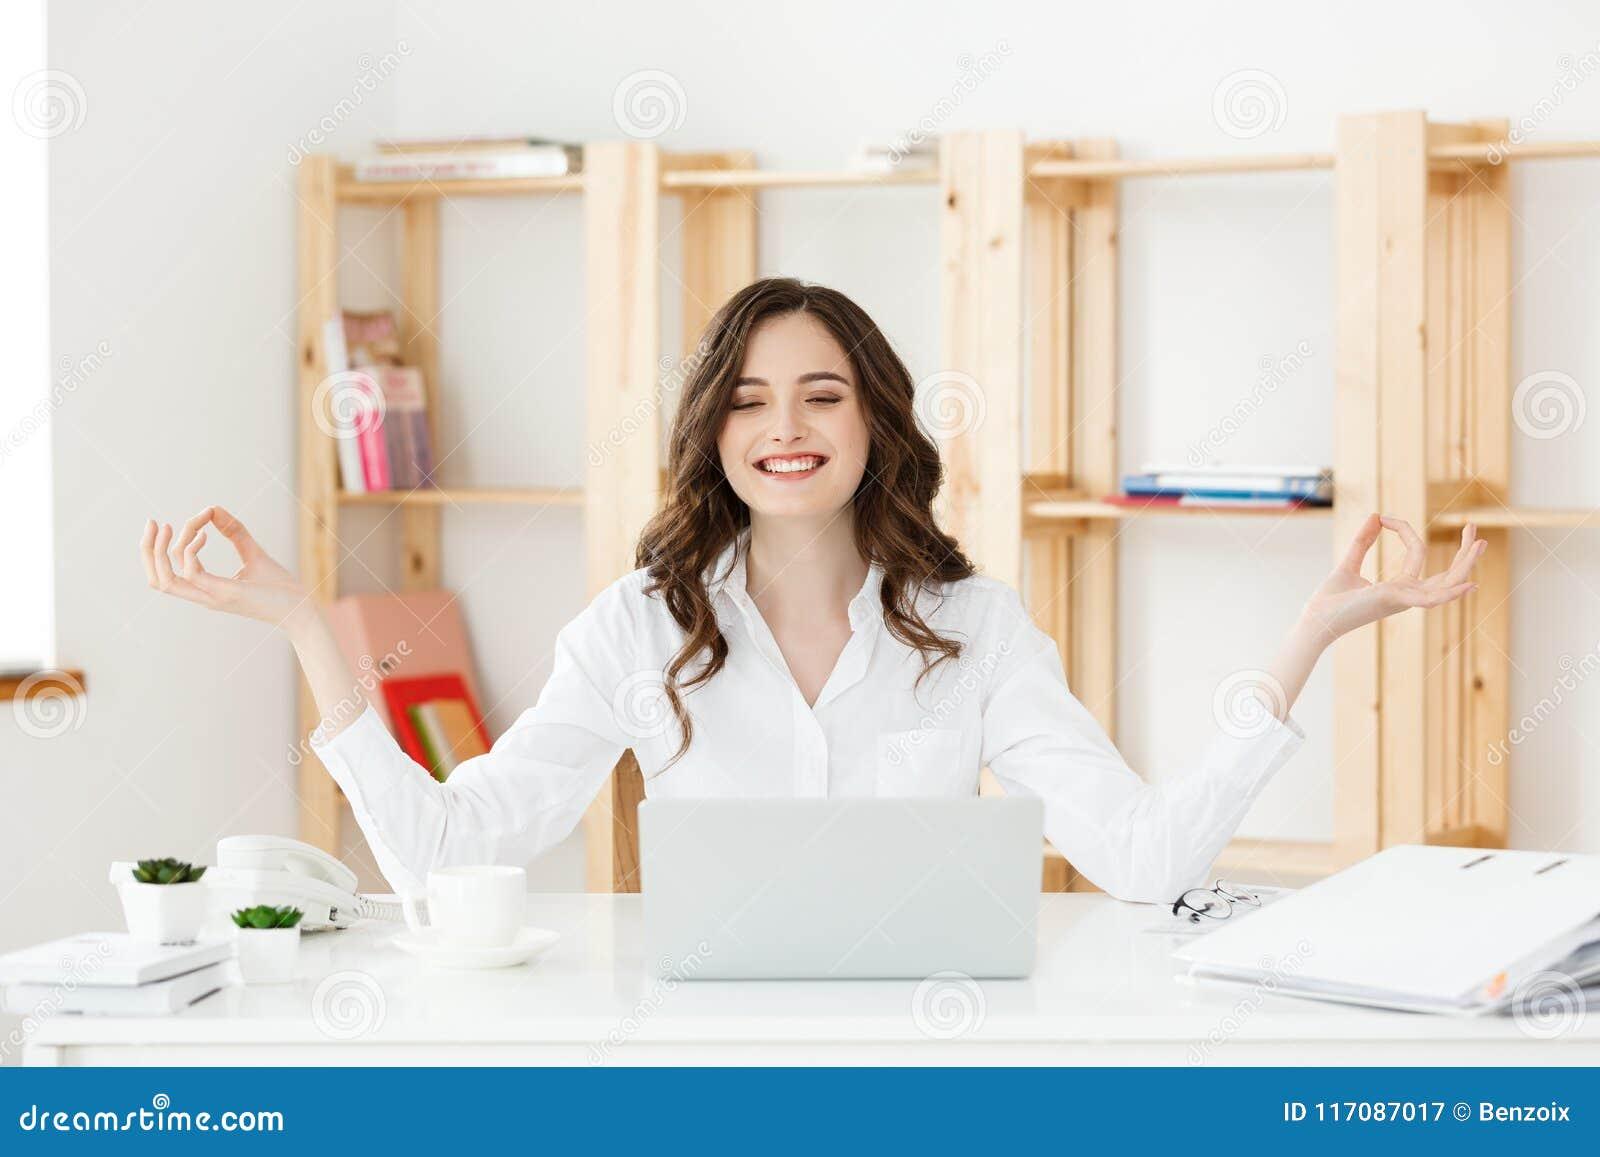 Bedrijfs en Gezondheidsconcept: Portret jonge vrouw dichtbij laptop, het praktizeren meditatie bij het bureau, voor